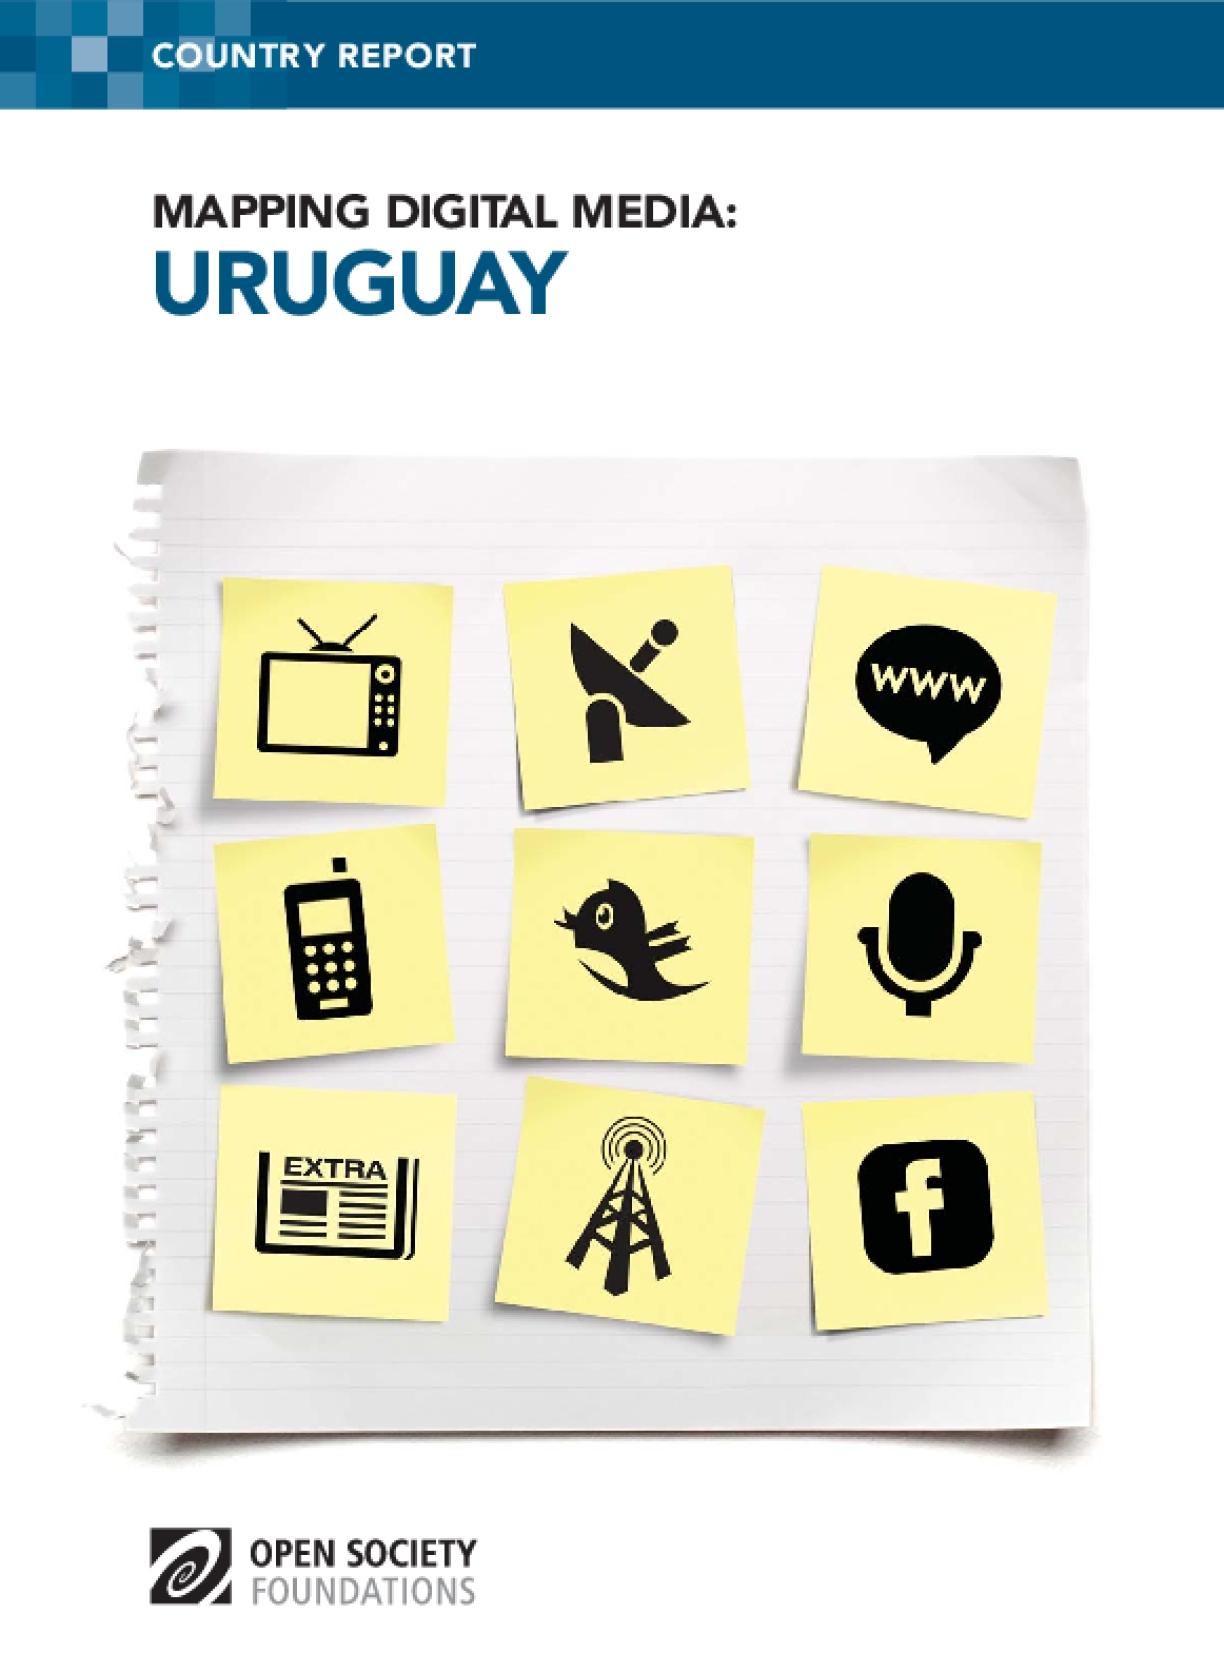 Mapping Digital Media: Uruguay